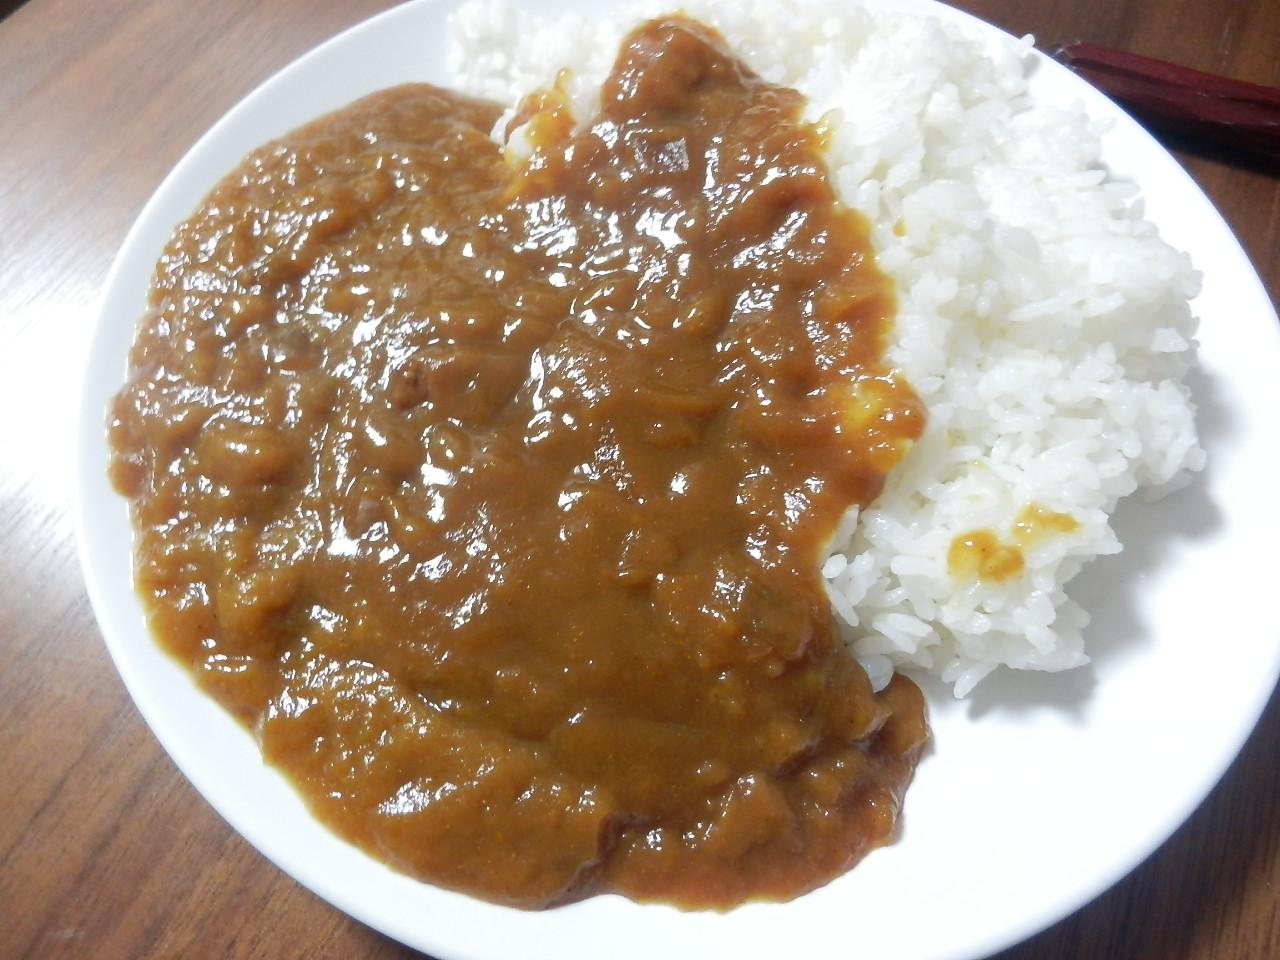 http://curry.tokyo-review.com/image4/P9121493.JPG